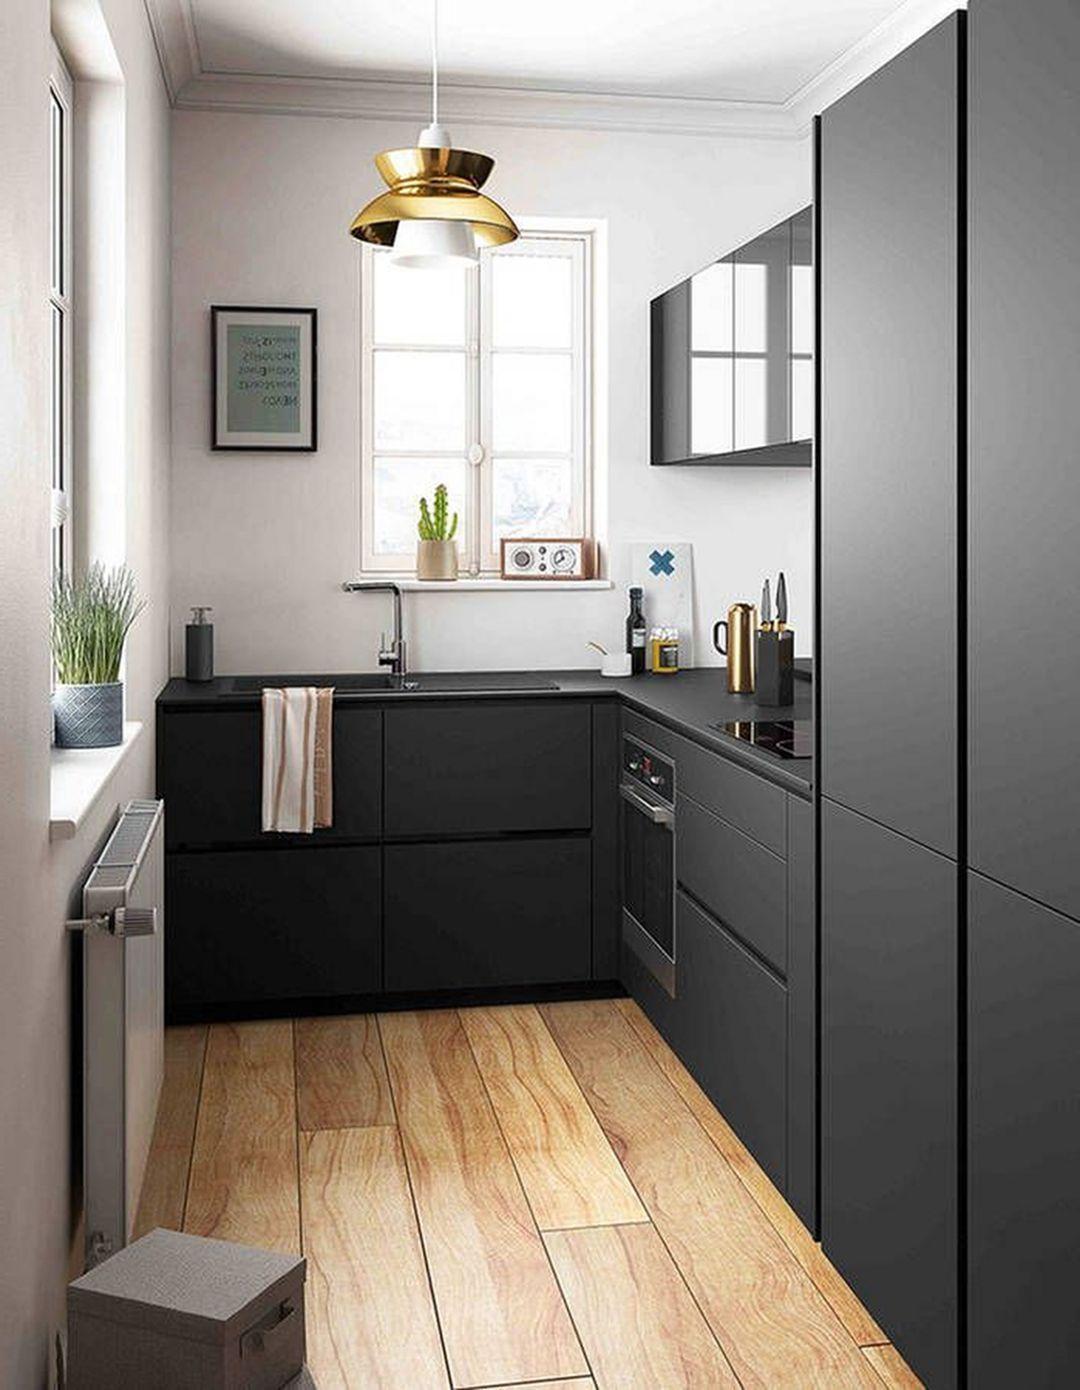 2020 small modern kitchen ideas | Σχεδίαση μοντέρνας ...